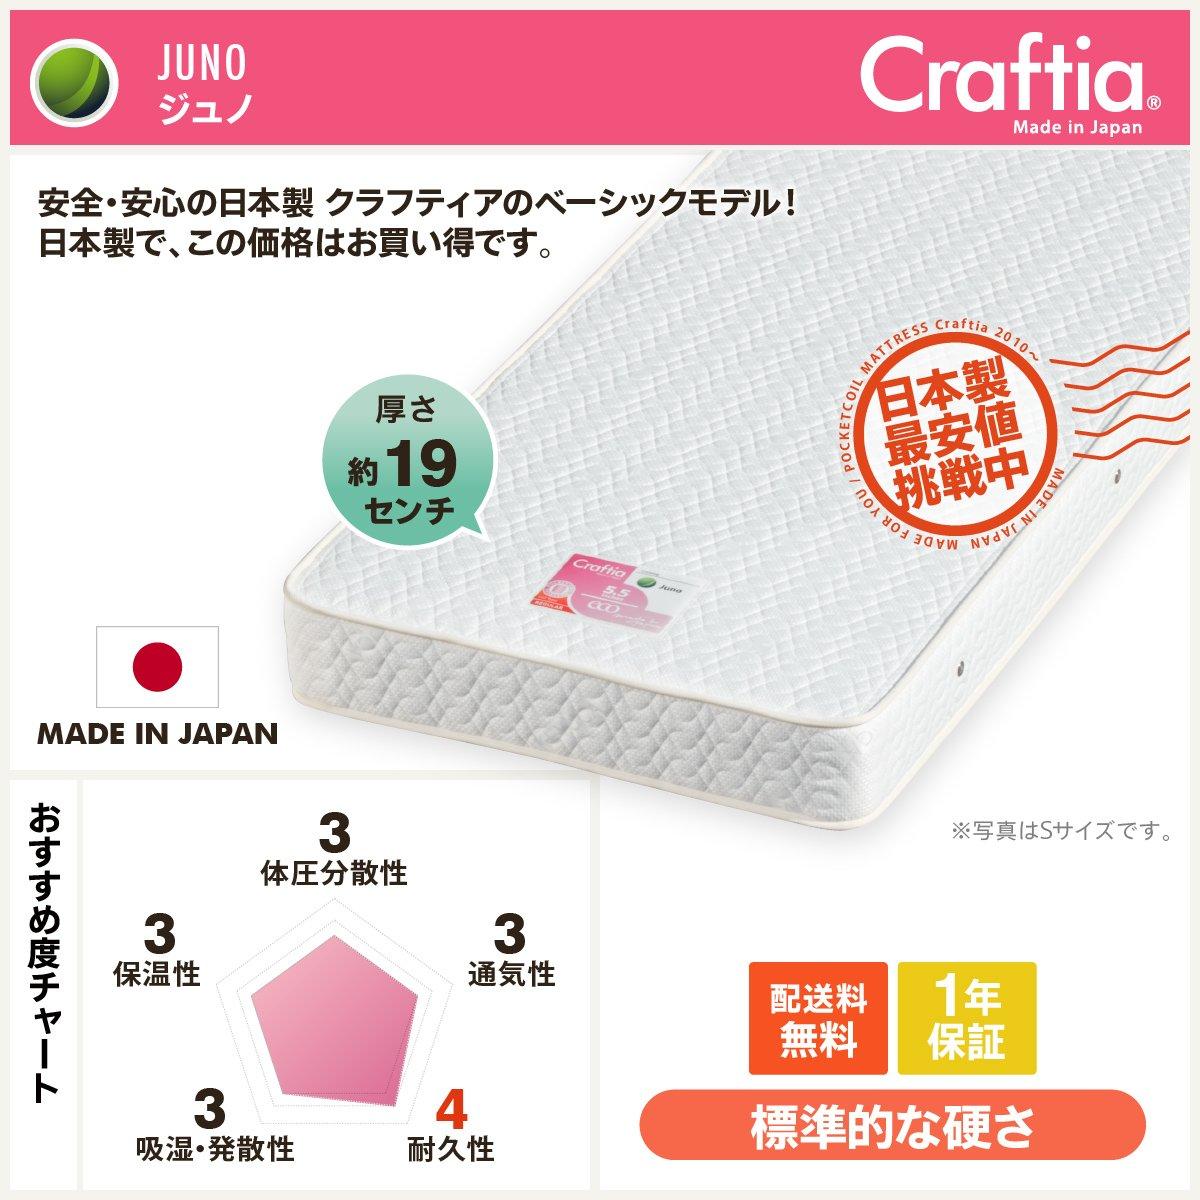 ベッドマット ポケットコイル セミシングル ジュノ B007TGBNK4 Parent  [1] SS(セミシングル)幅80×奥行195×高さ19cm